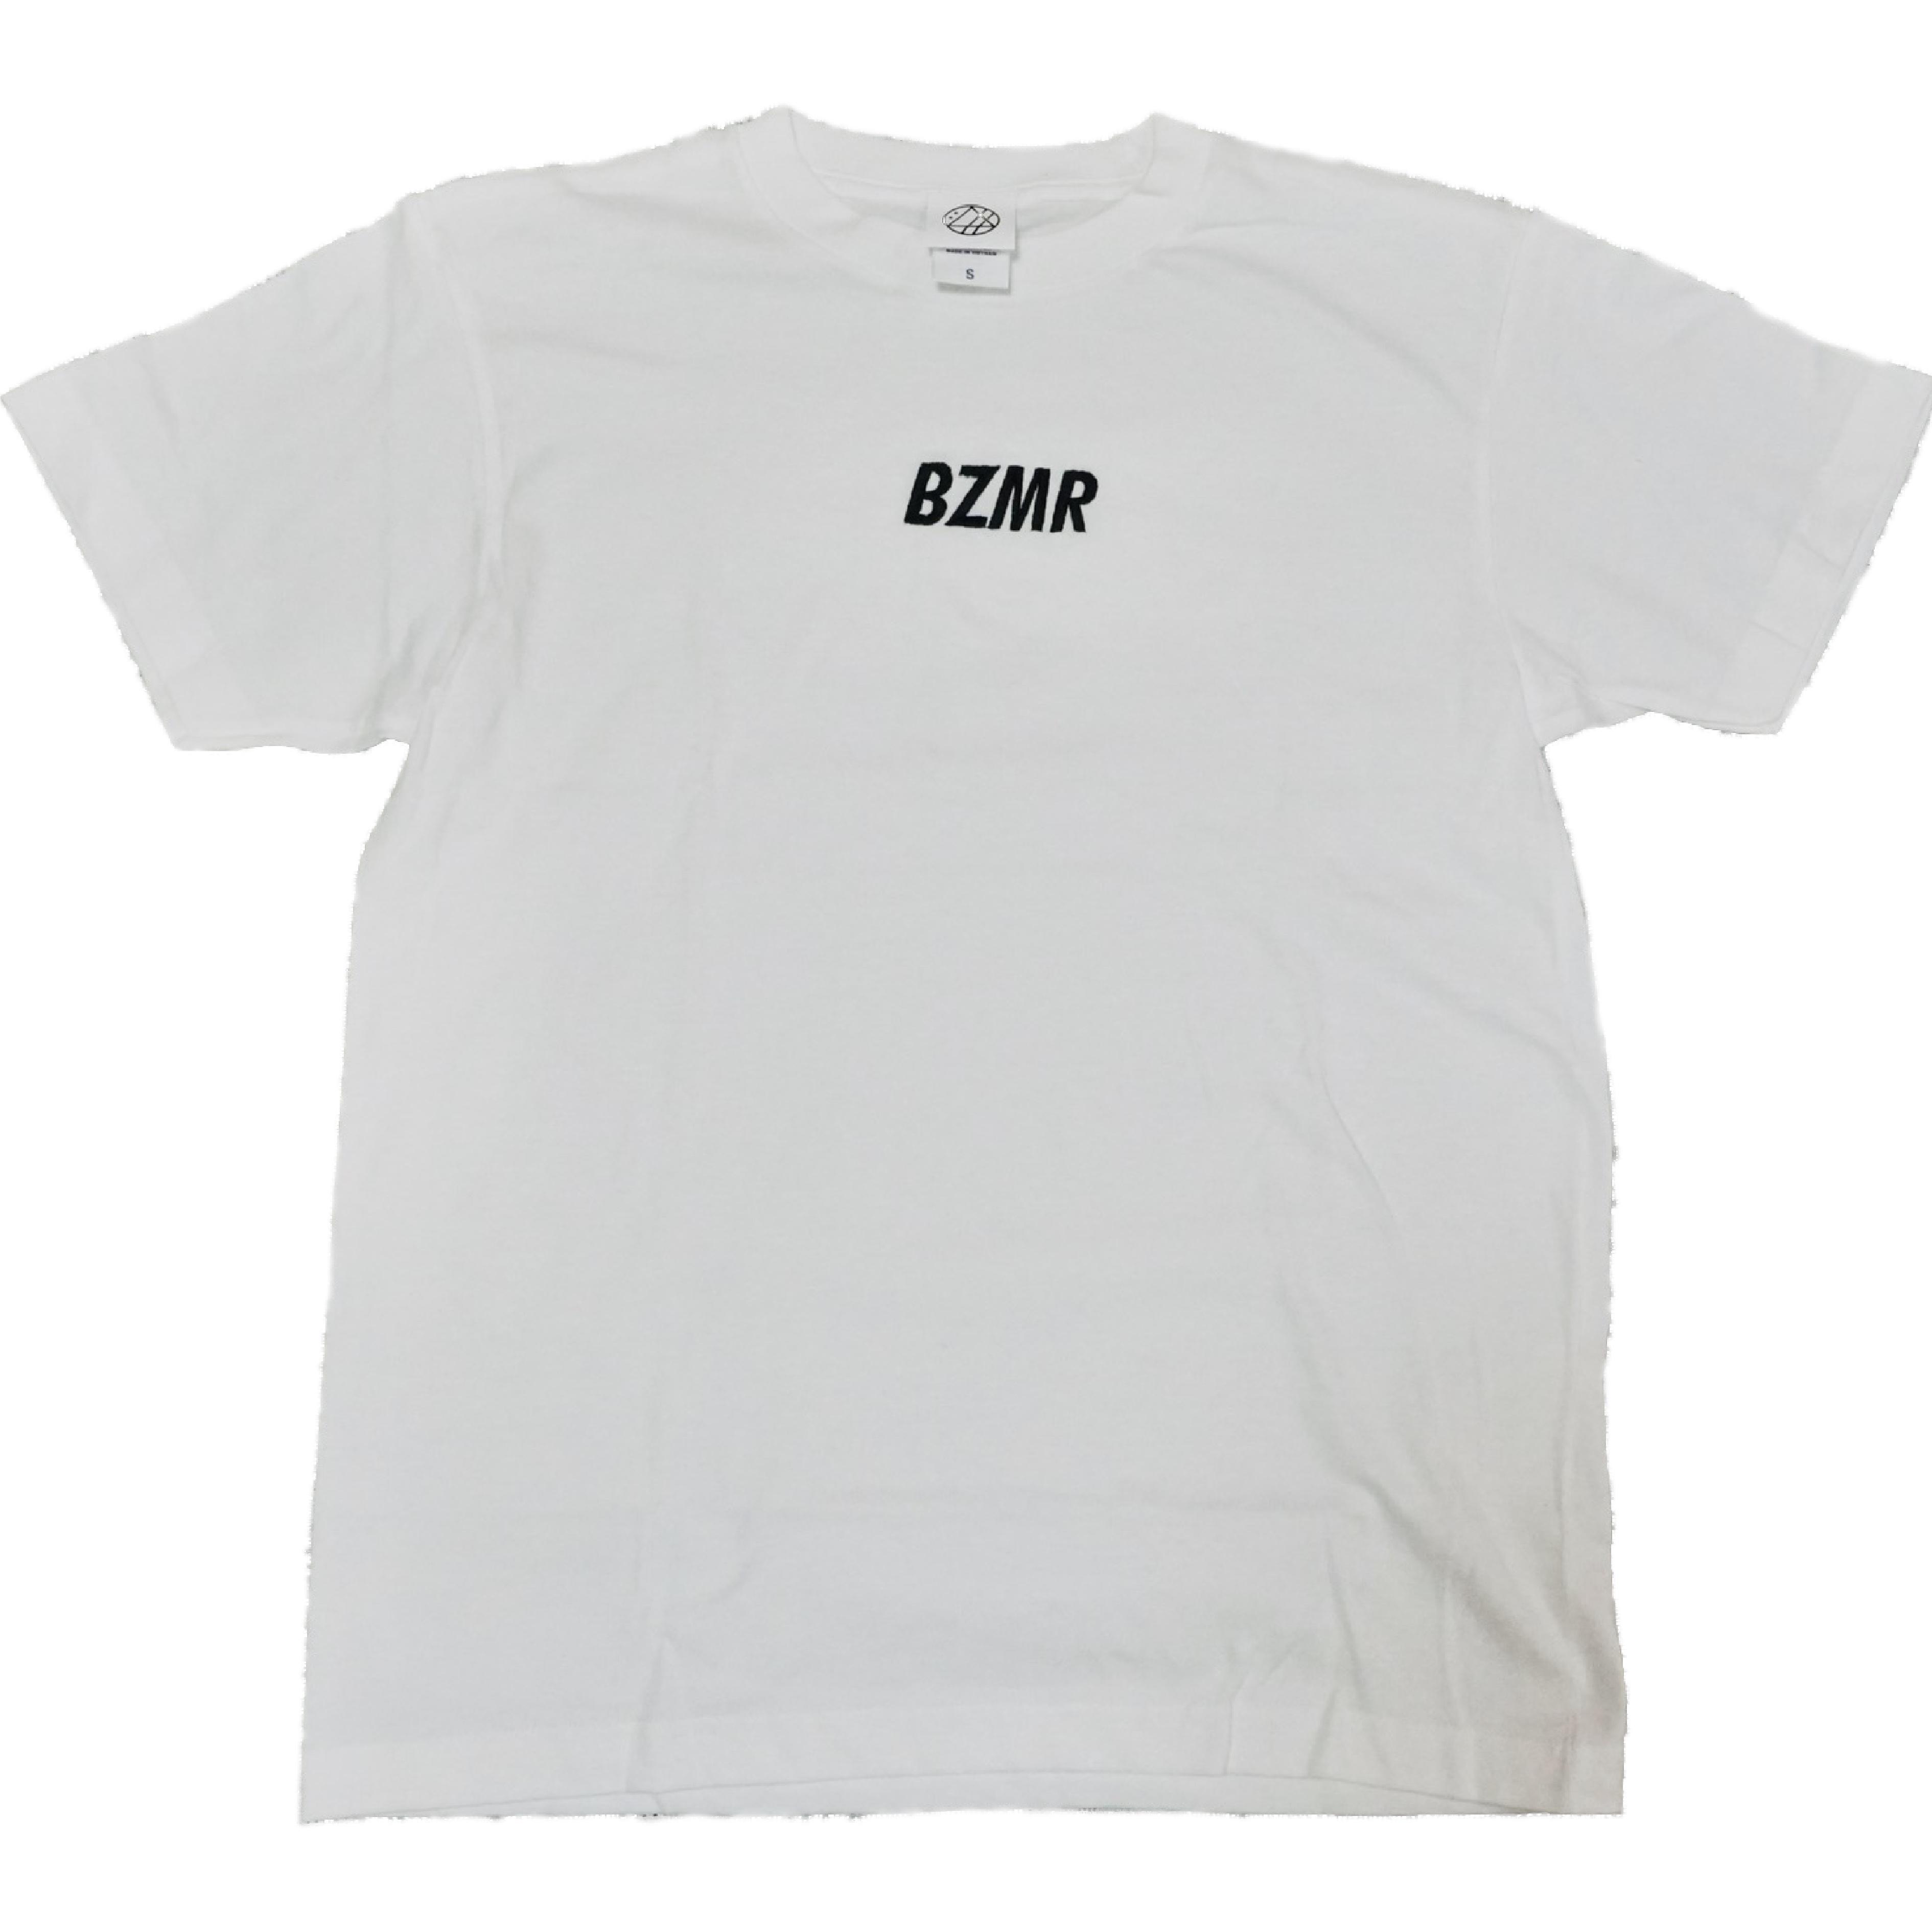 BZMRシンプル刺繍Tee (ホワイト) - 画像1